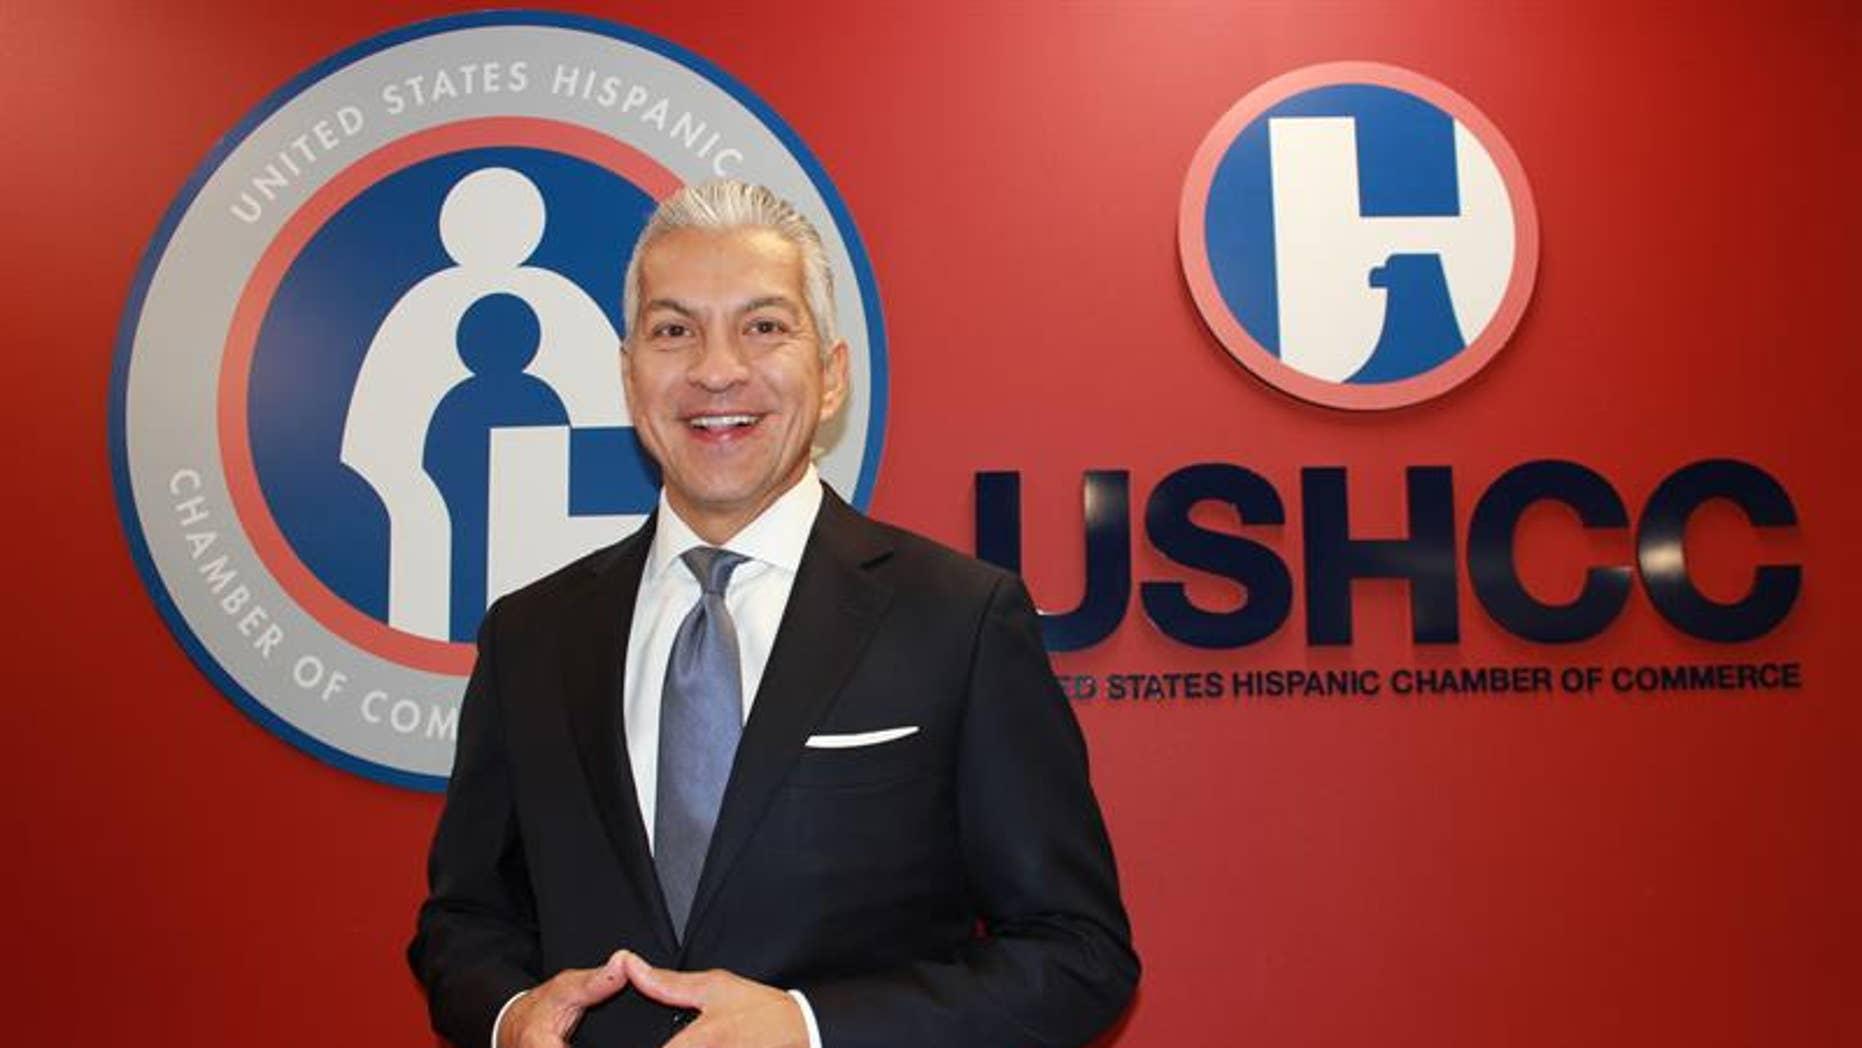 Hispanic Chamber of Commerce President Javier Palomarez in September 2014.